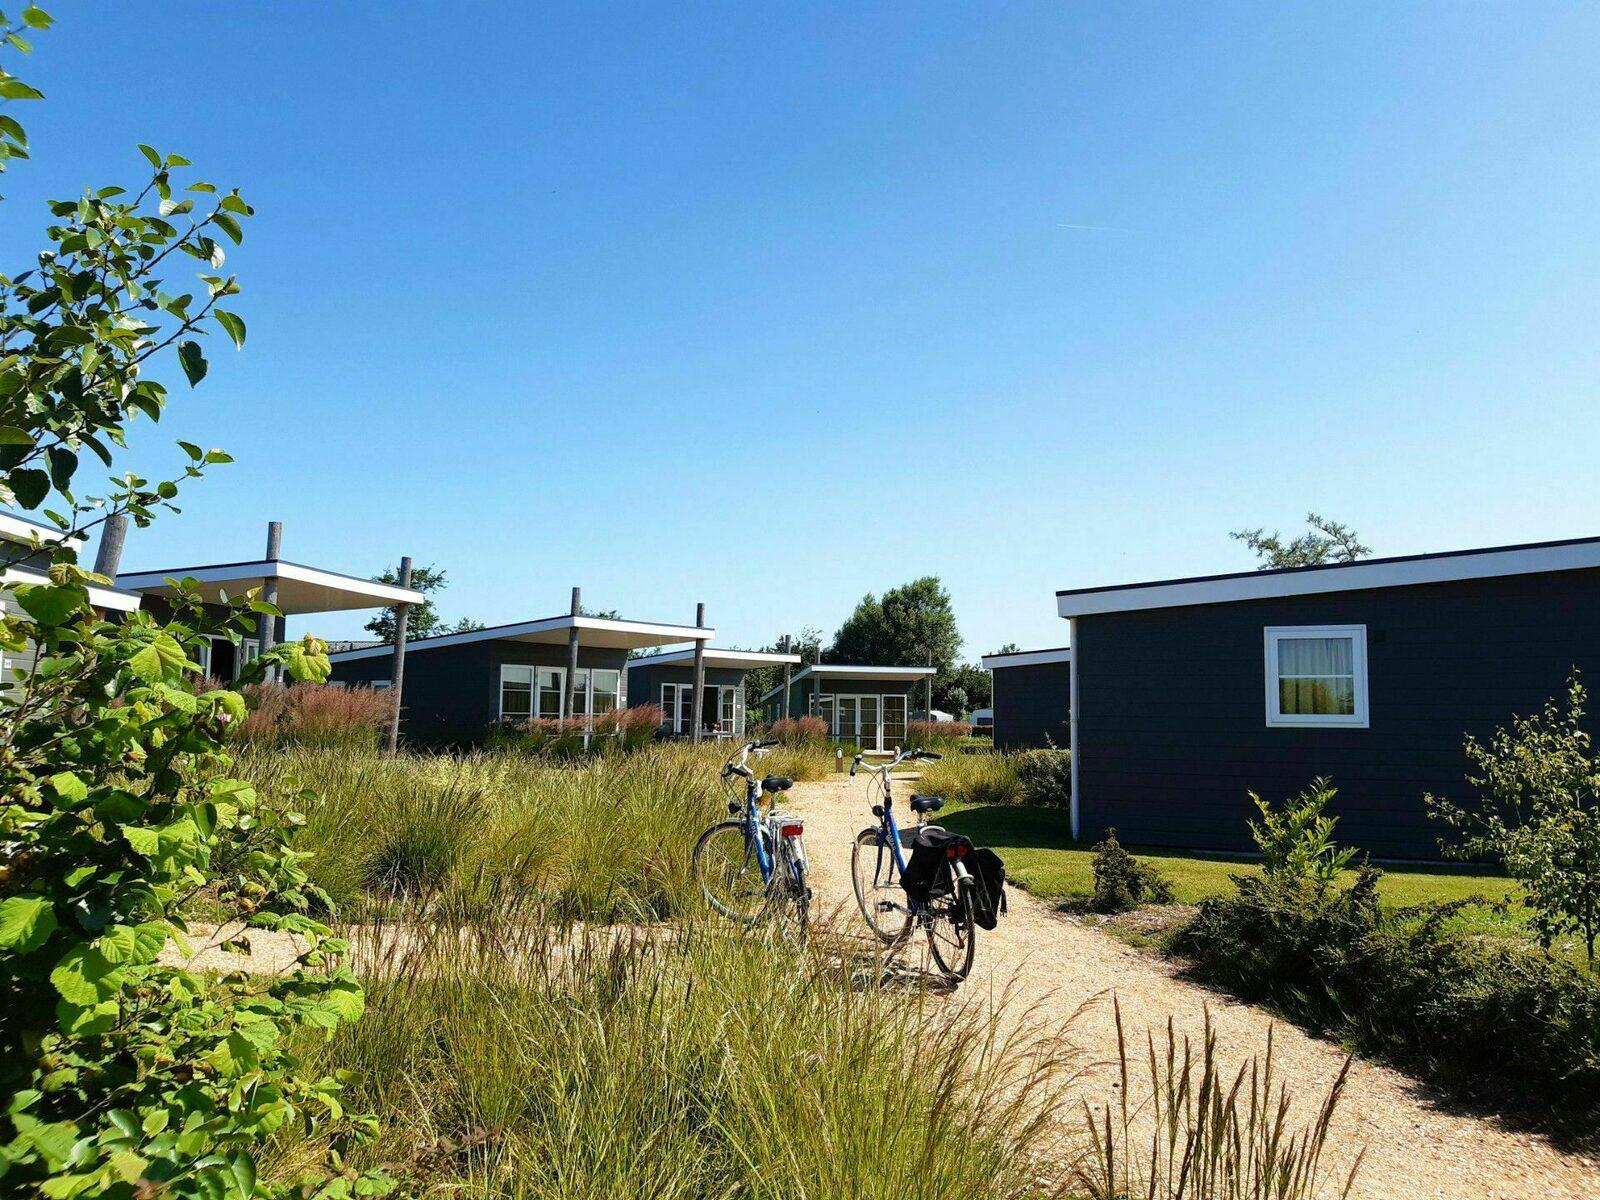 Kompas Camping Nieuwpoort Comfort Lodge 6 personen Honden toegelaten